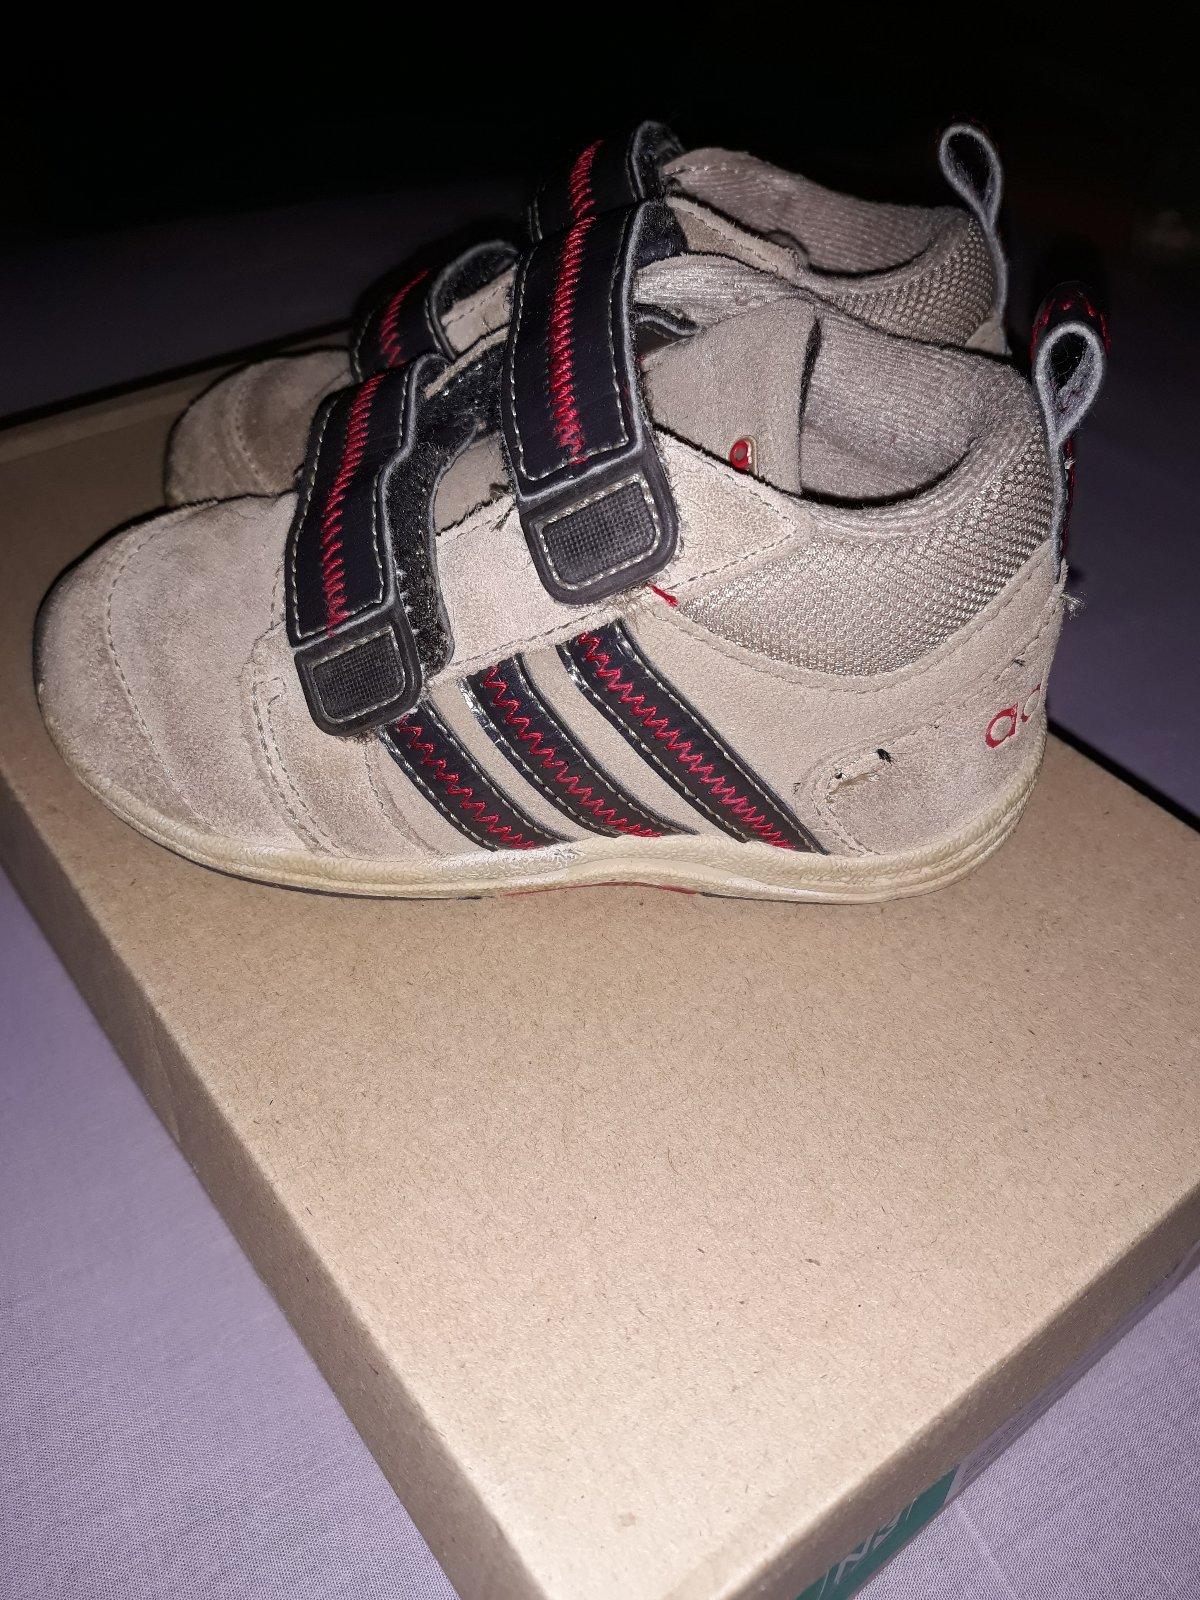 2726bb118 Detske topanky, adidas,25 - 5 € od predávajúcej zuzanalihanova | Detský  bazár | ModryKonik.sk